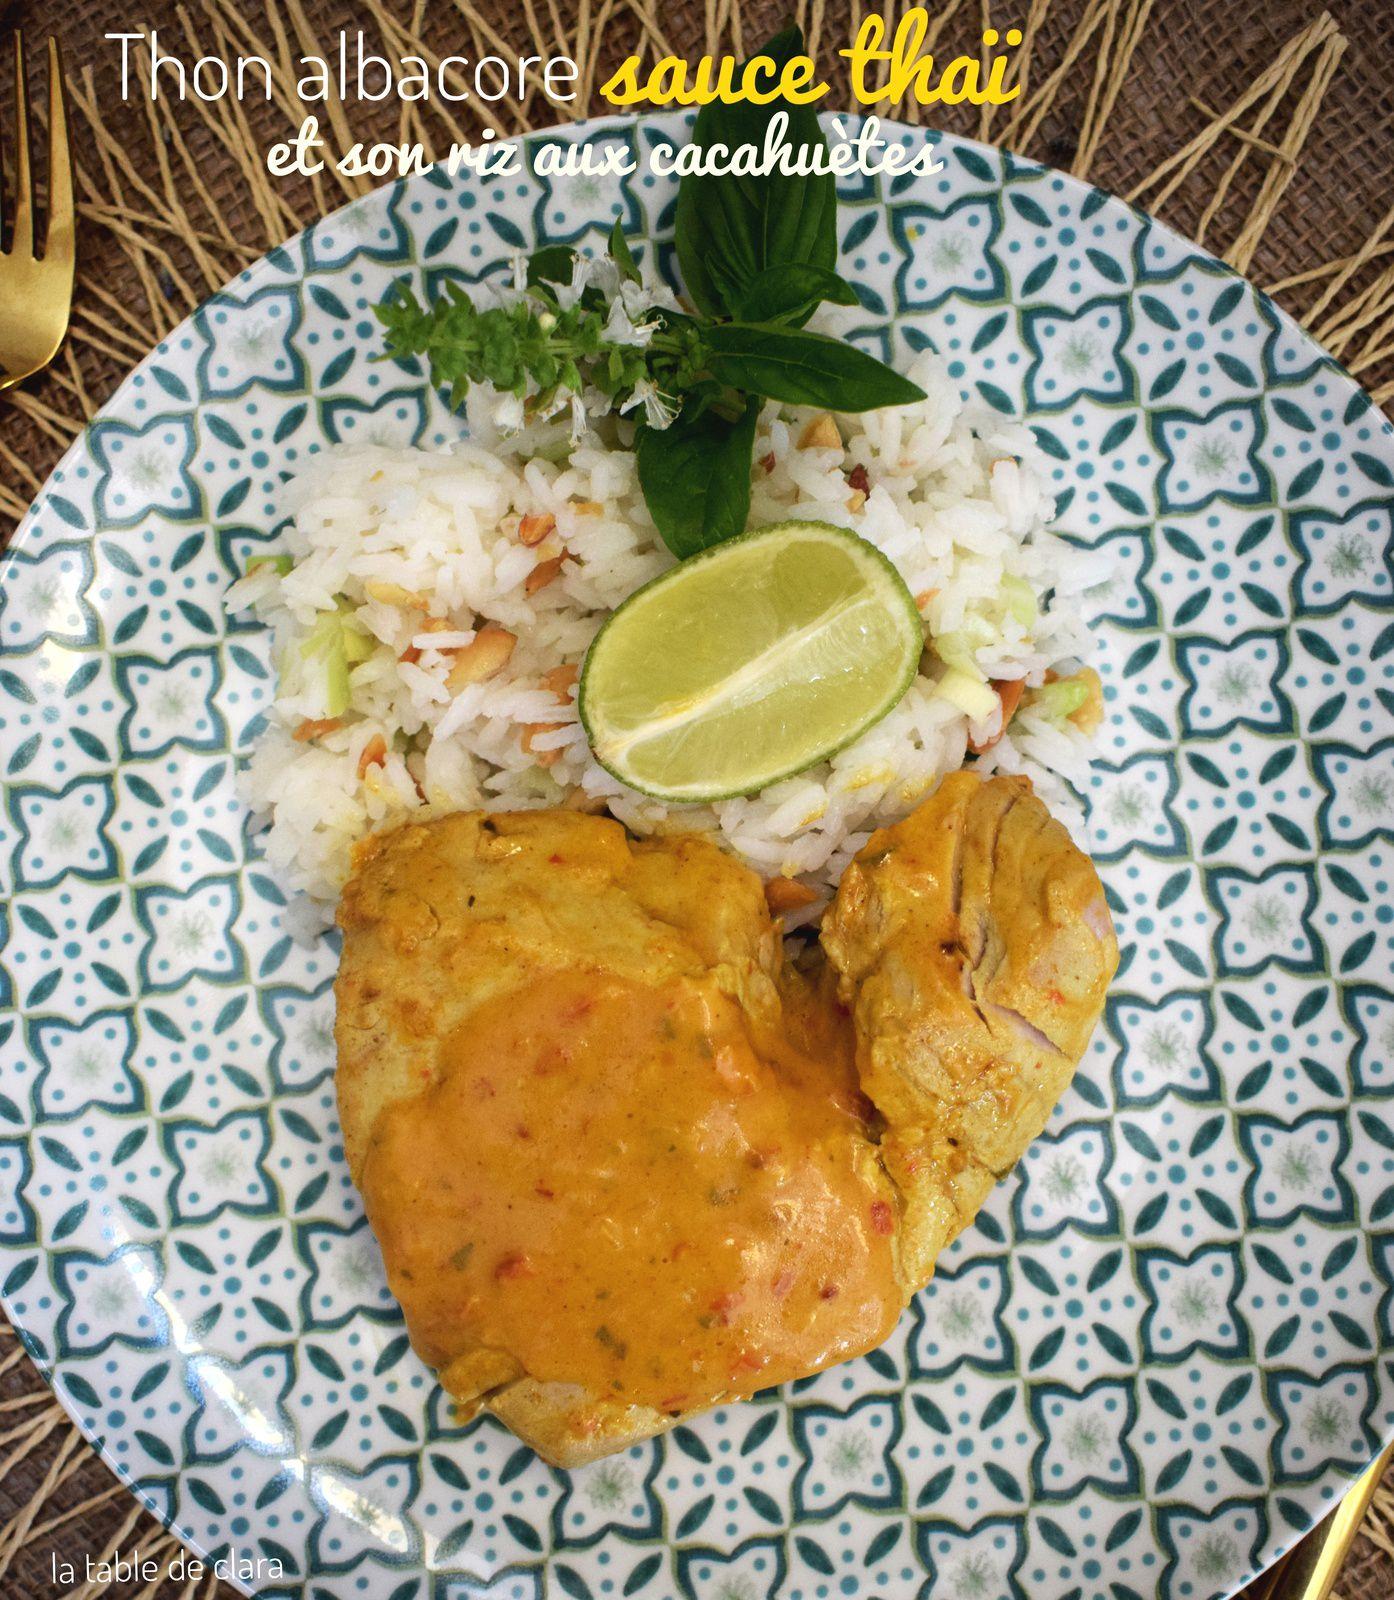 Thon albacore sauce thaï et son riz aux cacahuètes